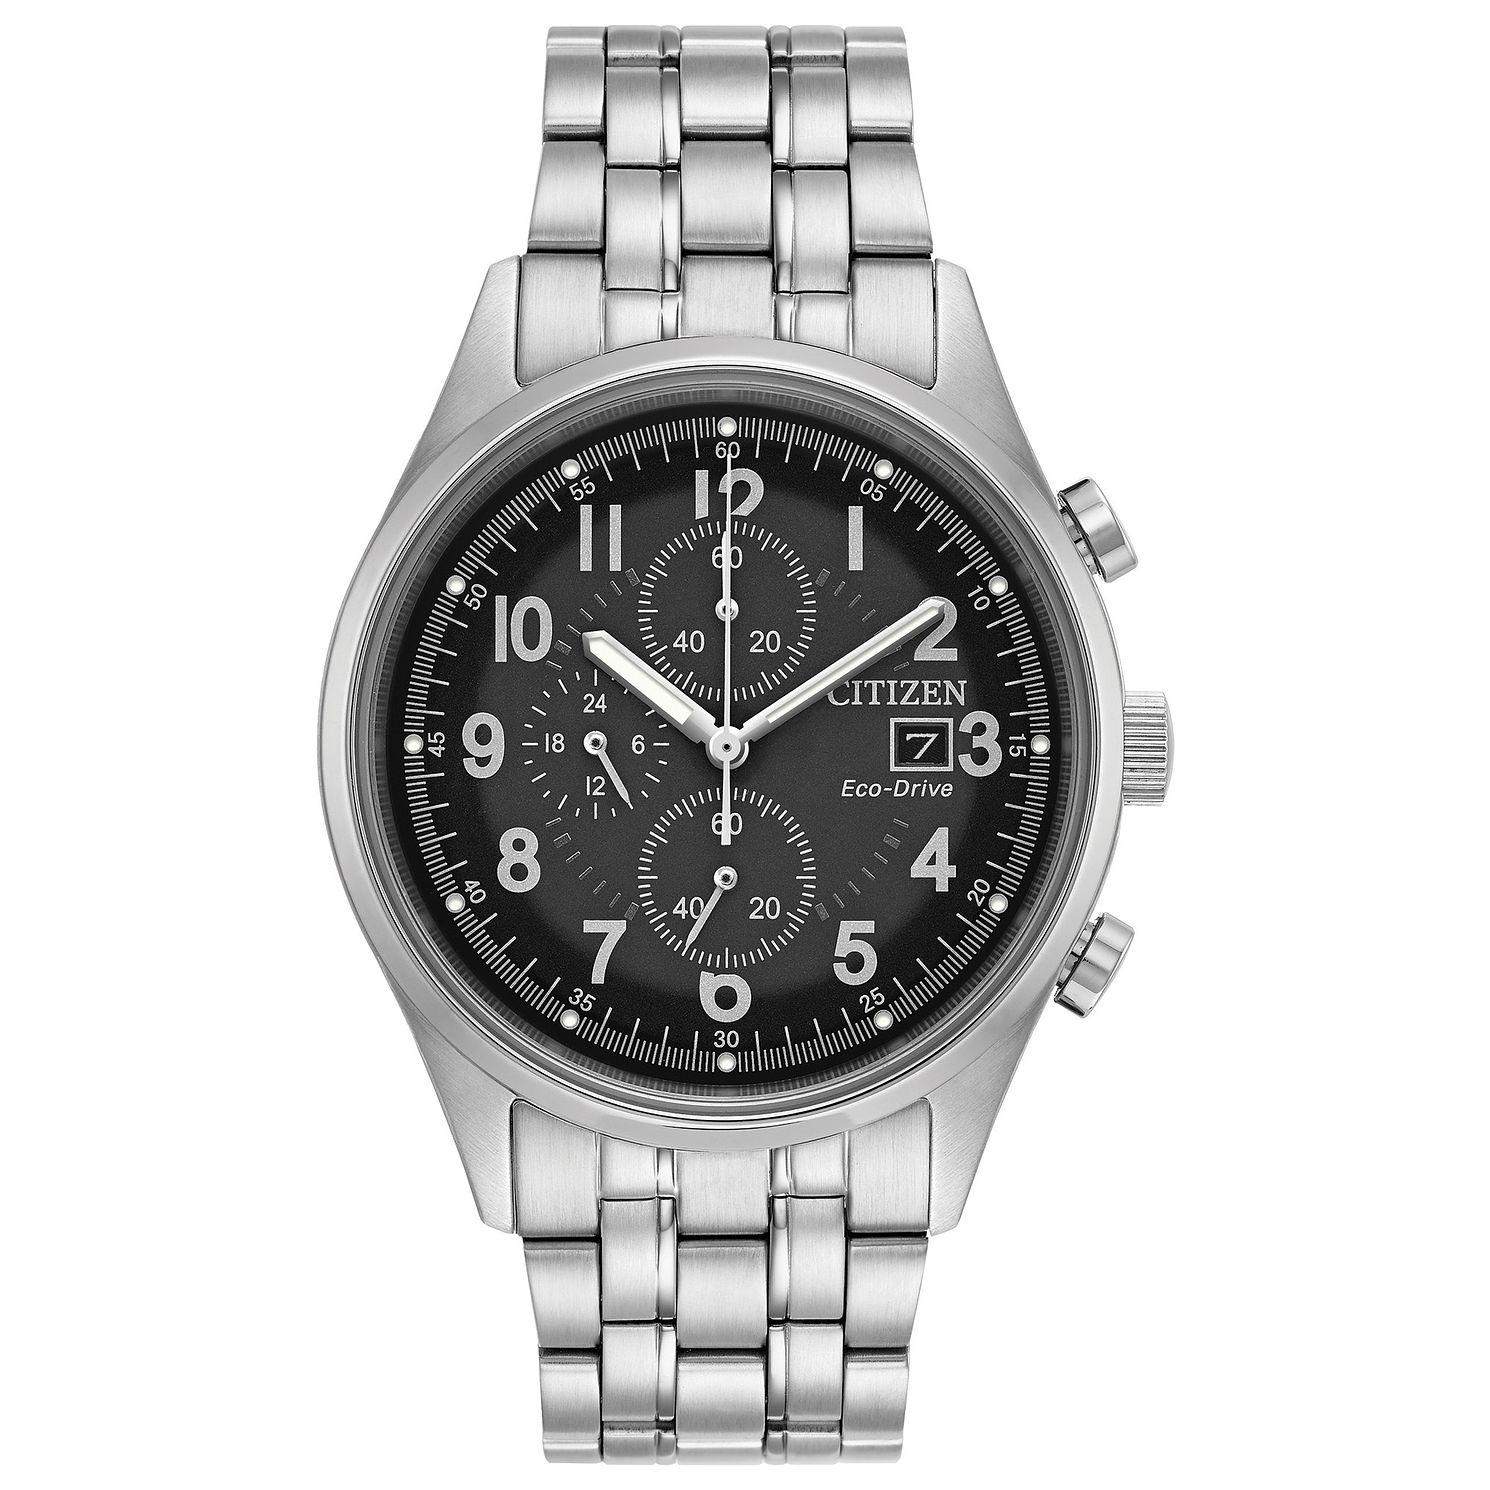 Citizen Men's Eco-Drive Chronograph Black Dial Bracelet Watch, £114.75 at Ernest Jones